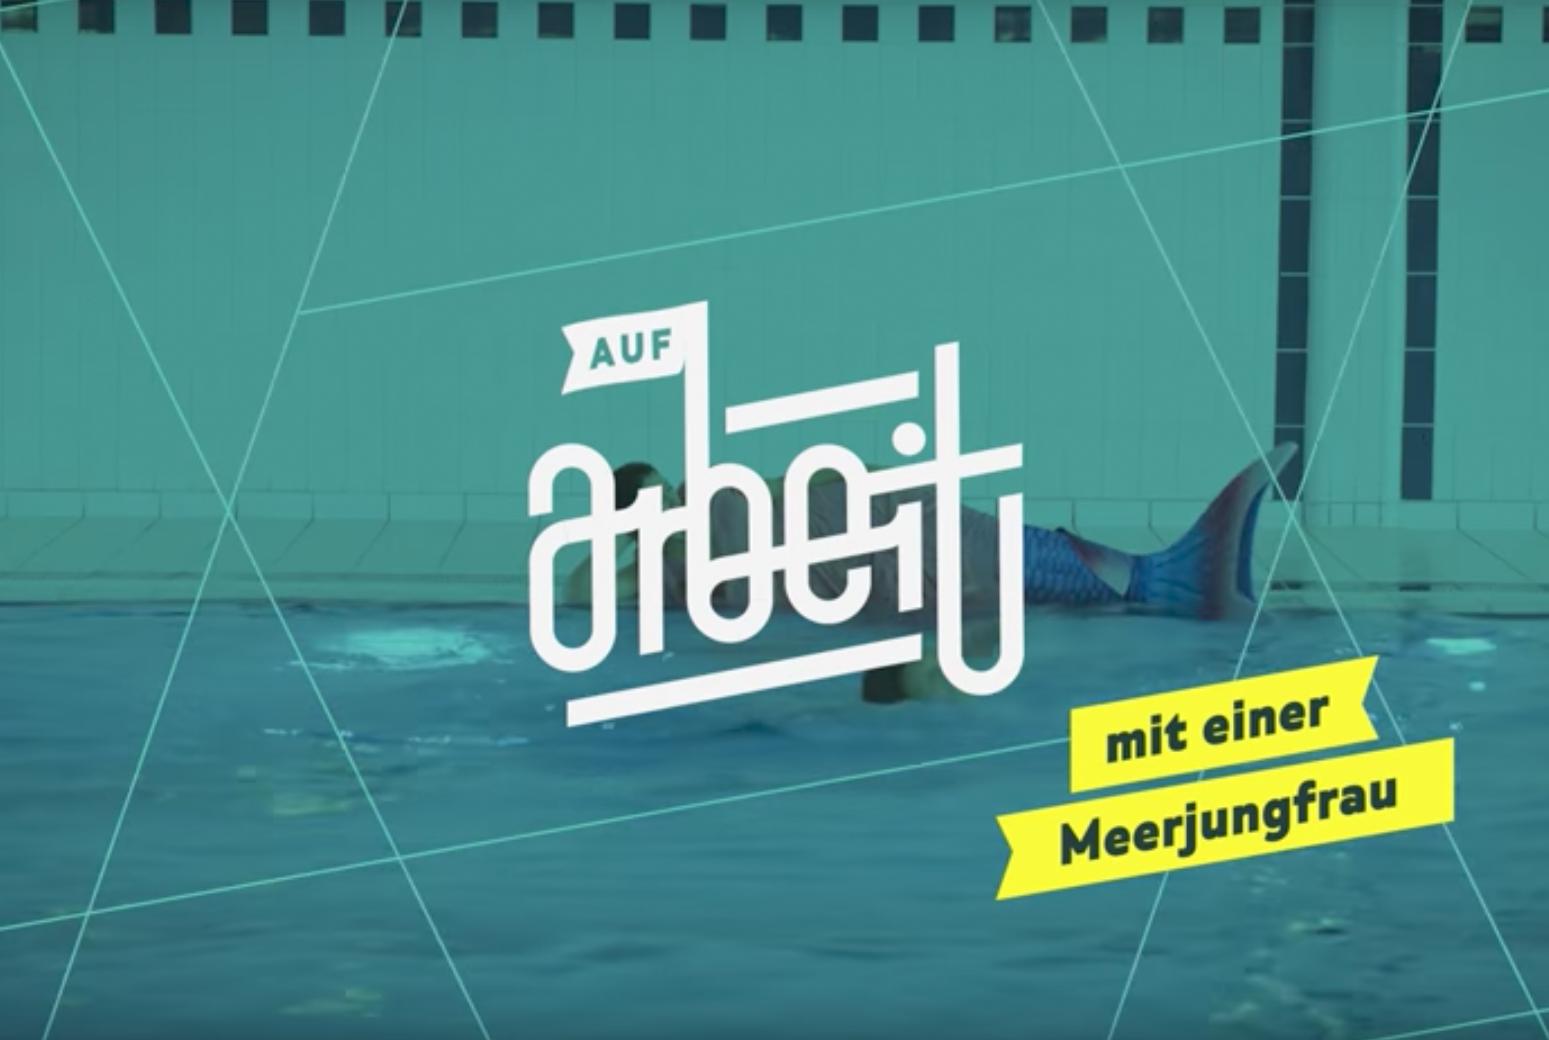 AUF ARBEIT – MIT EINER MEERJUNGFRAU